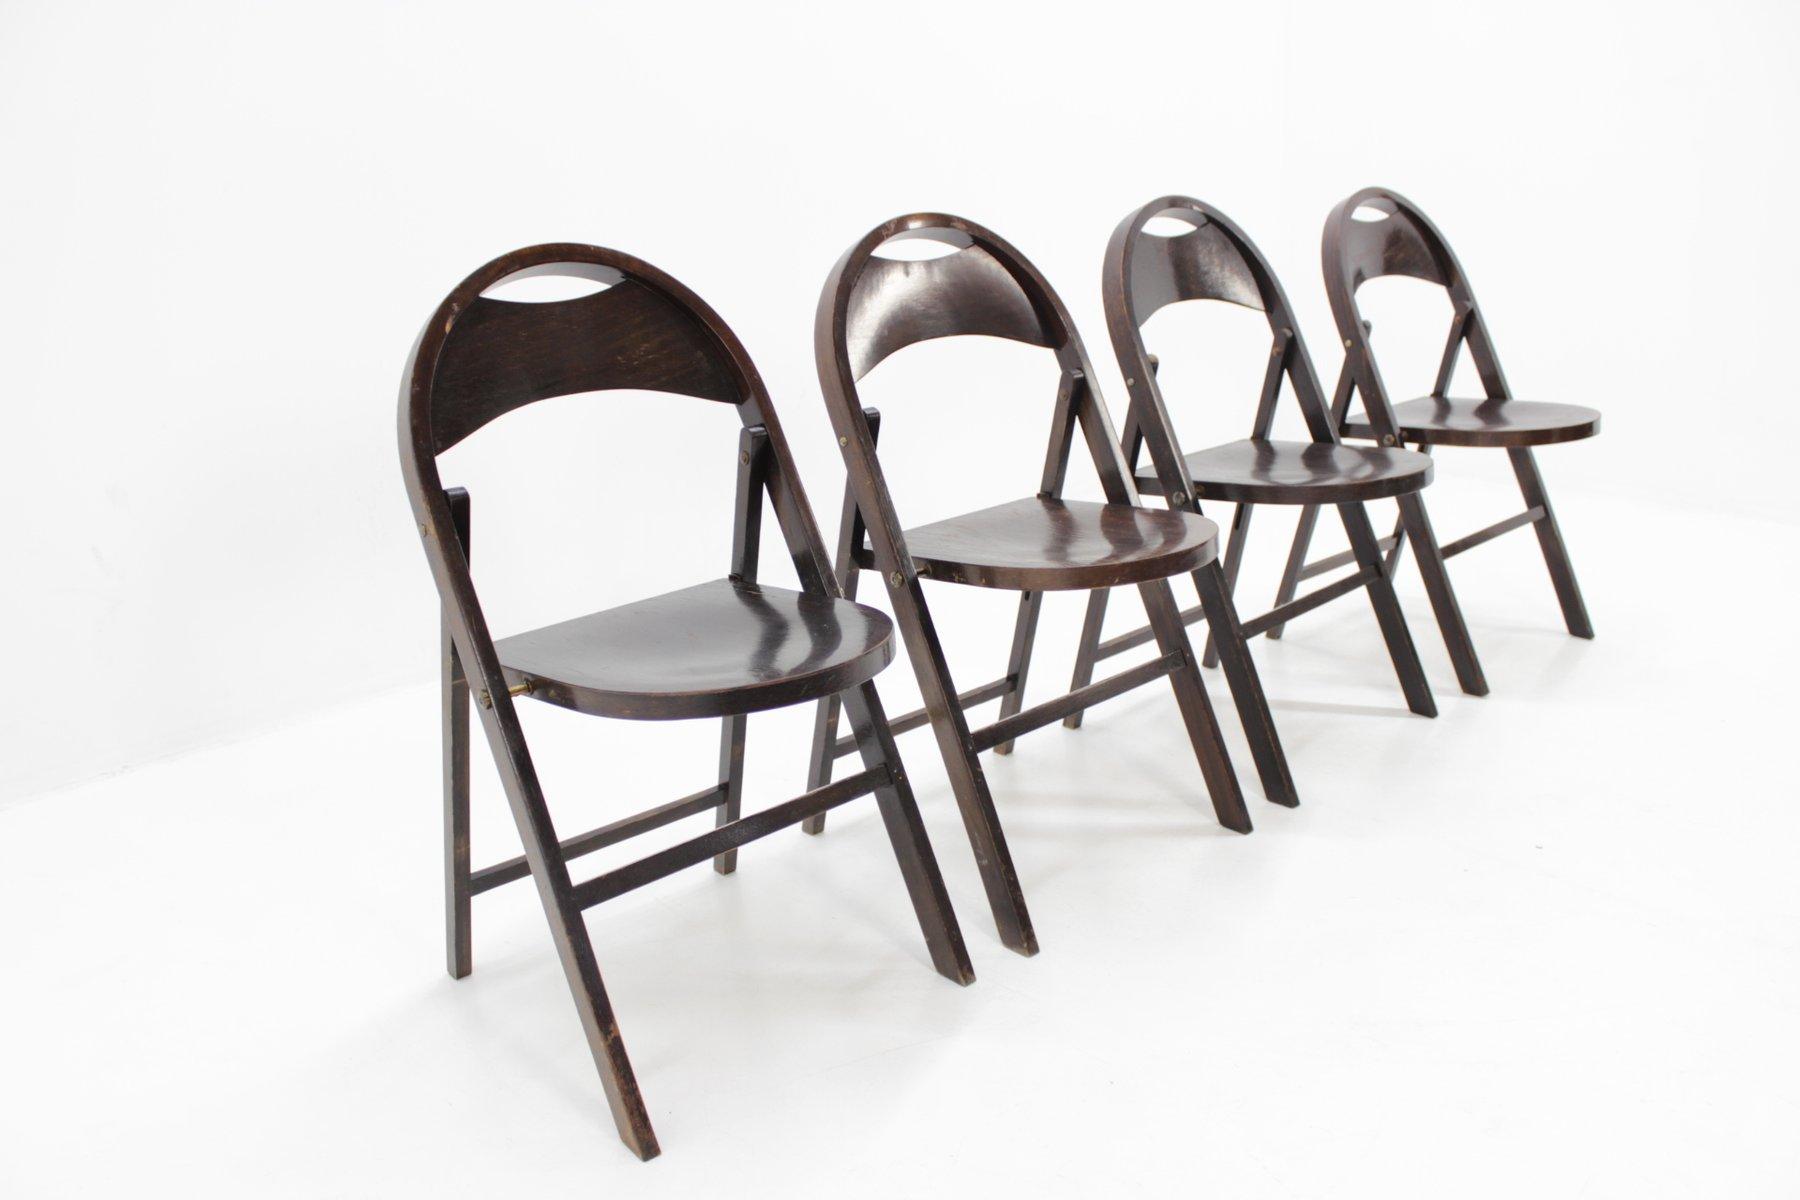 chaises pliables b 751 bauhaus de thonet 1930s set de 4 - Chaises Pliables